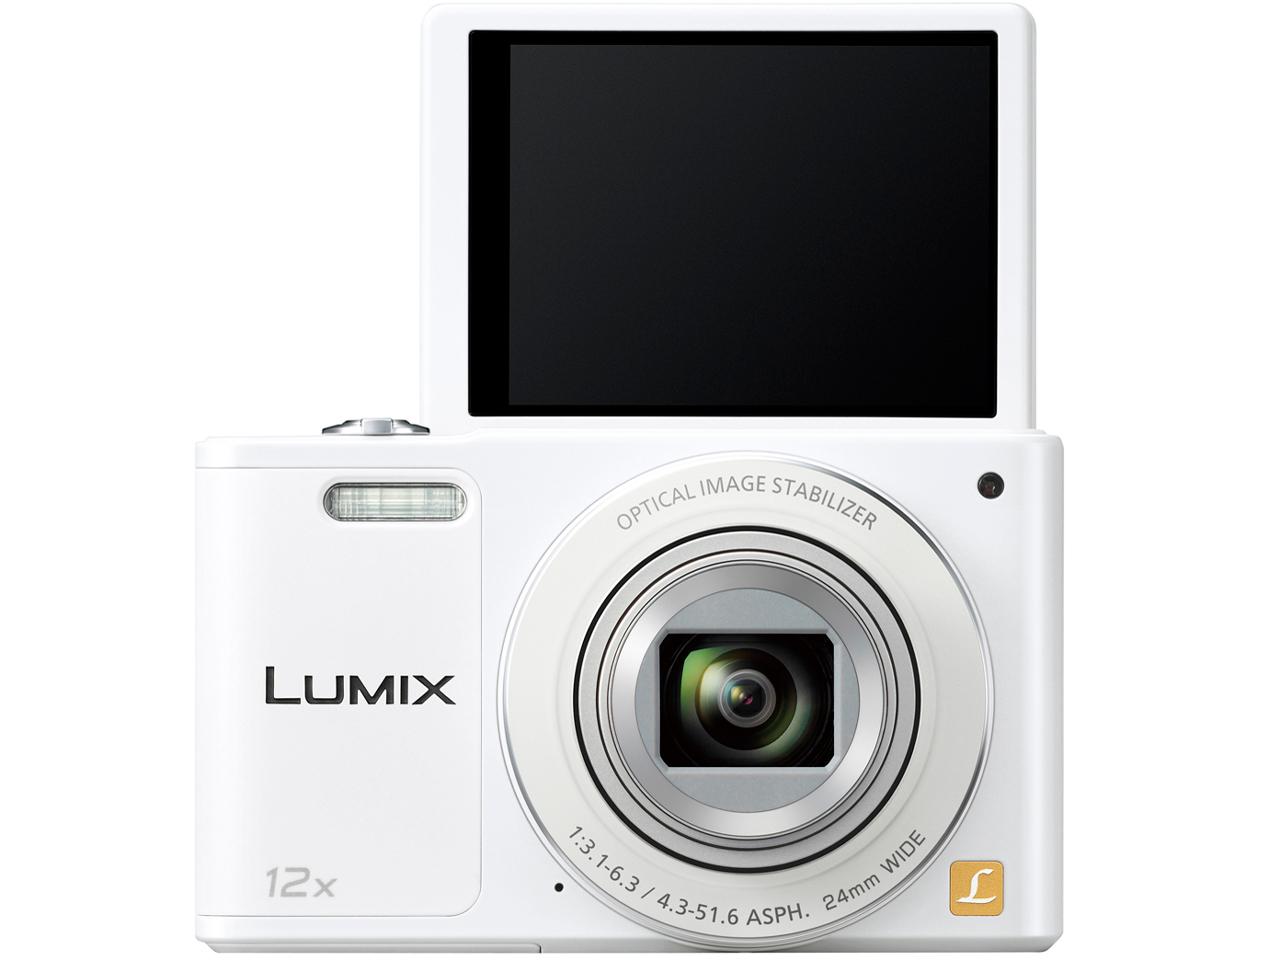 『本体 正面 バリアングル』 LUMIX DMC-SZ10-W [ホワイト] の製品画像